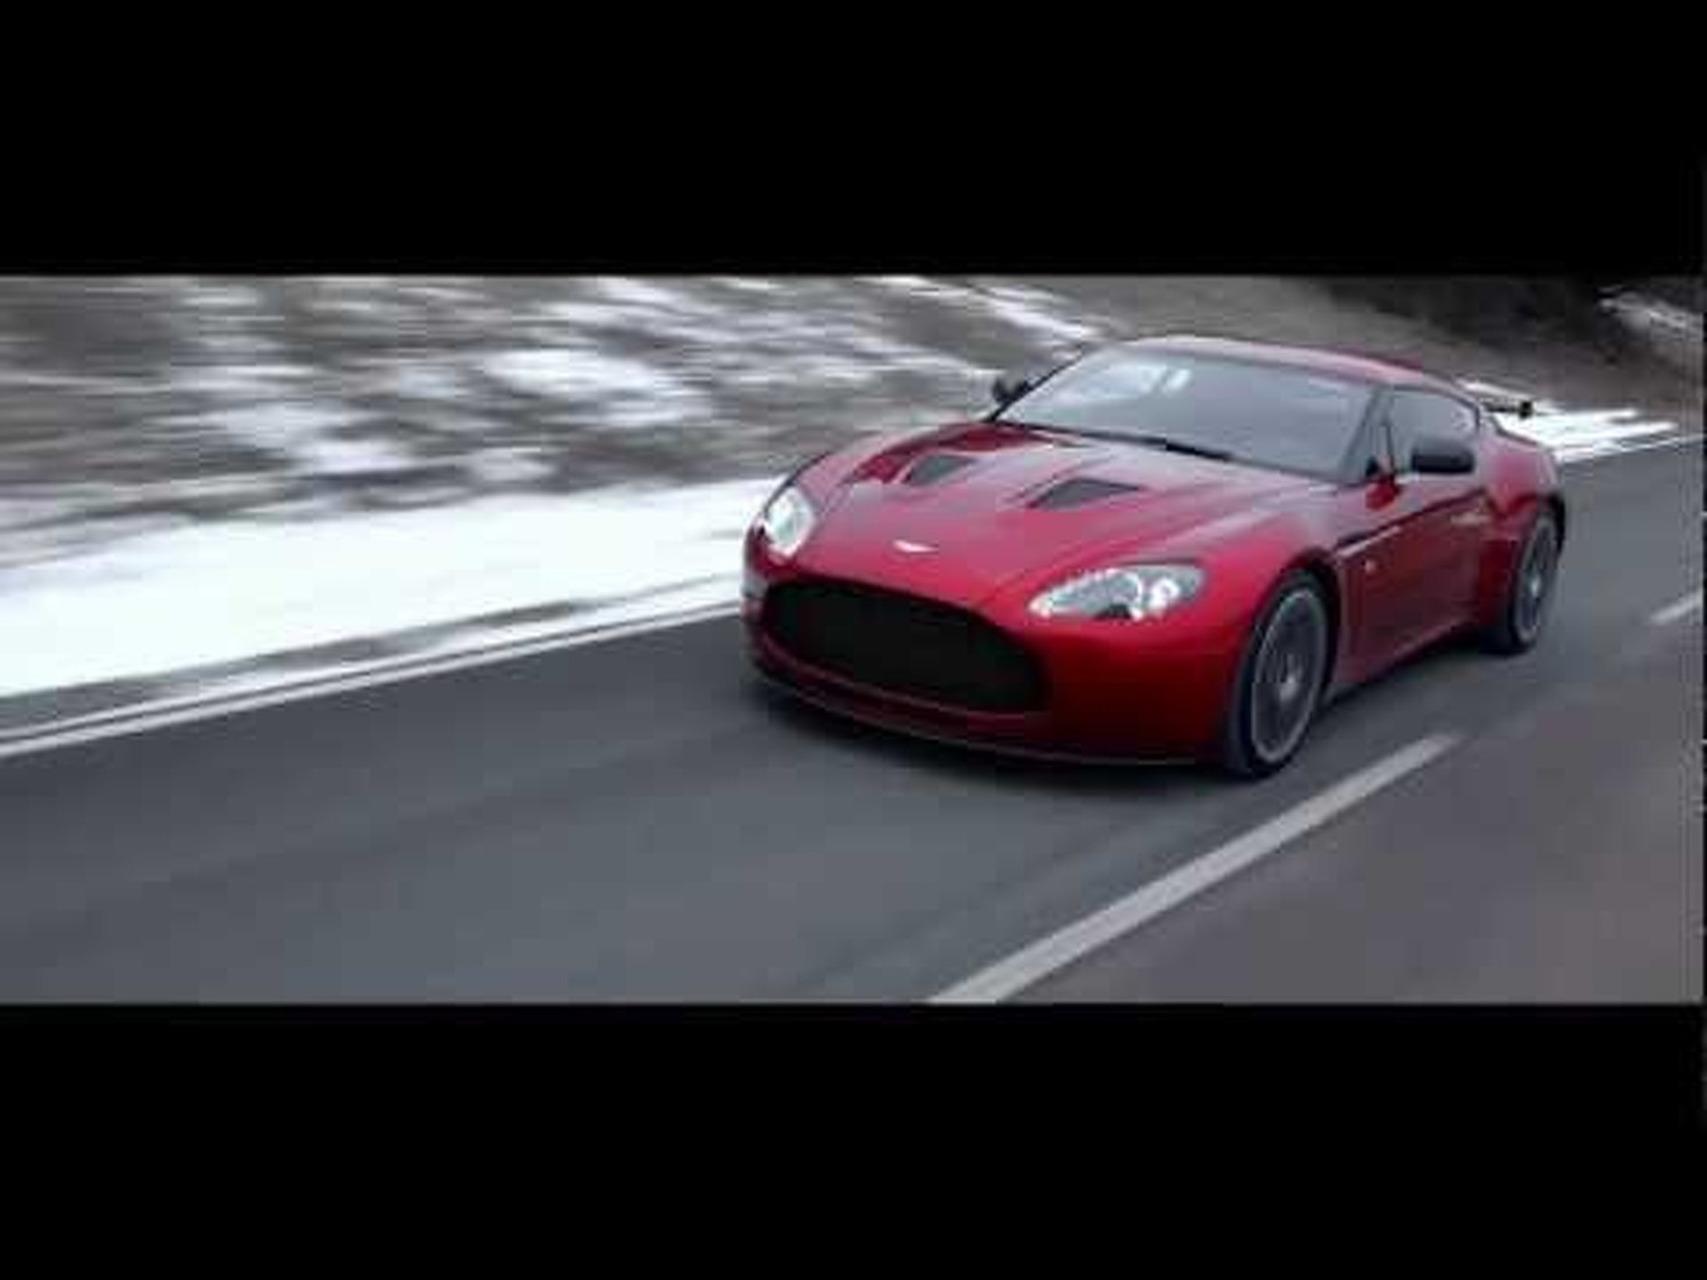 The Aston Martin V12 Zagato